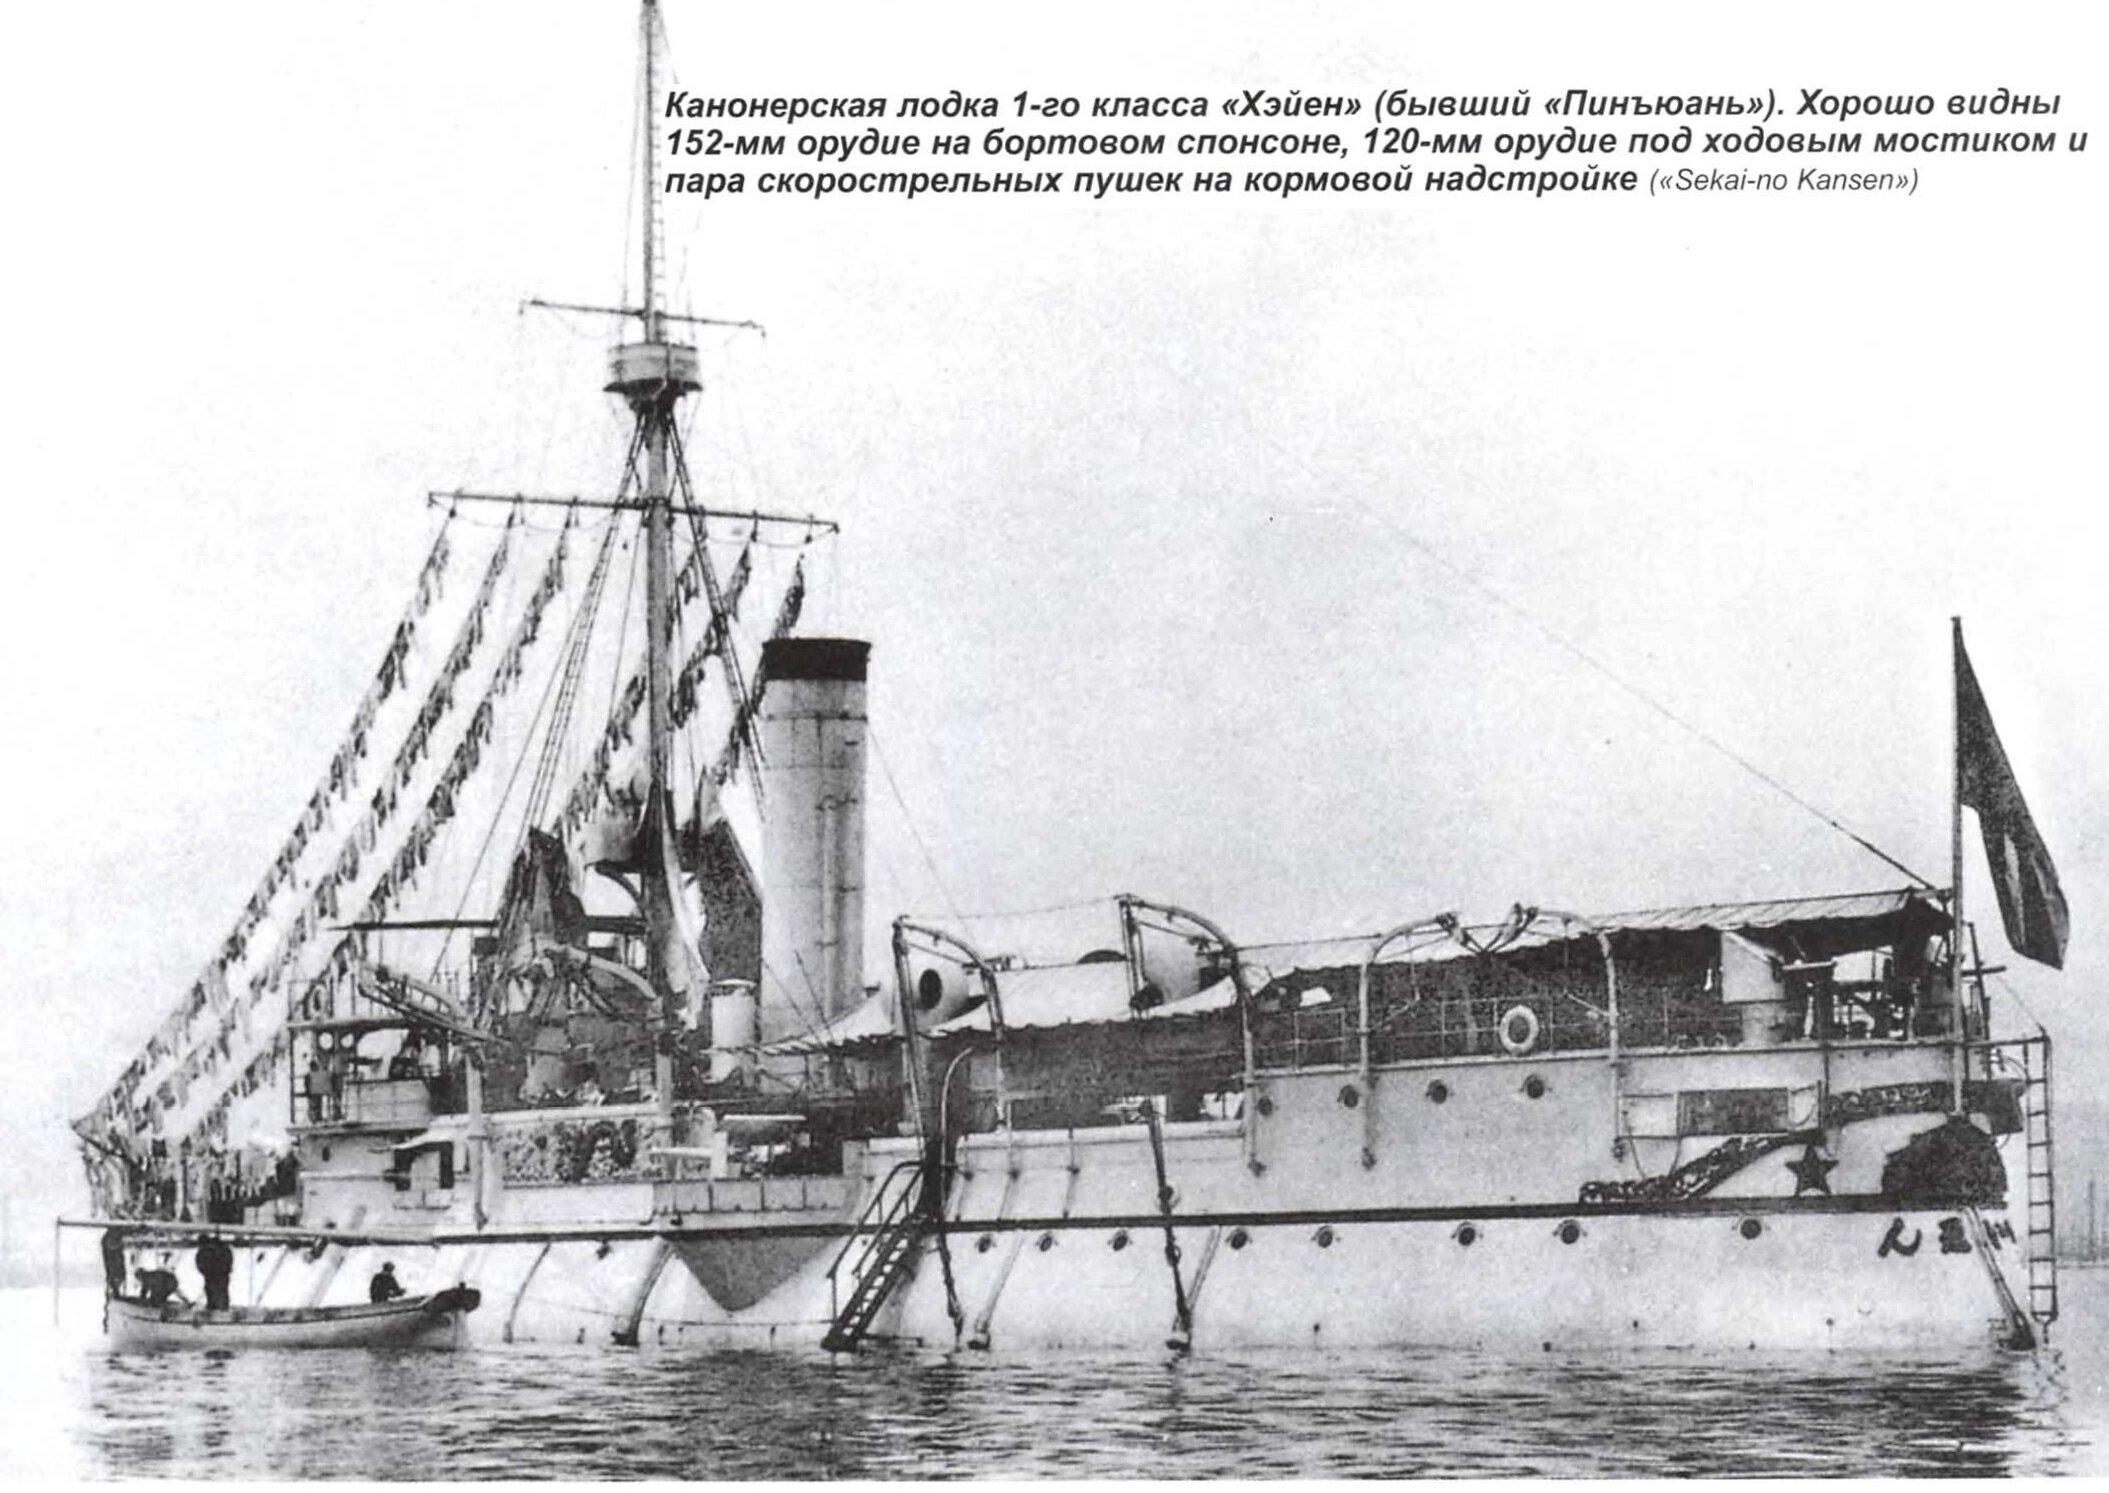 Канонерская лодка 1-го класса «Хэйен» (бывший «Пинъюань»)